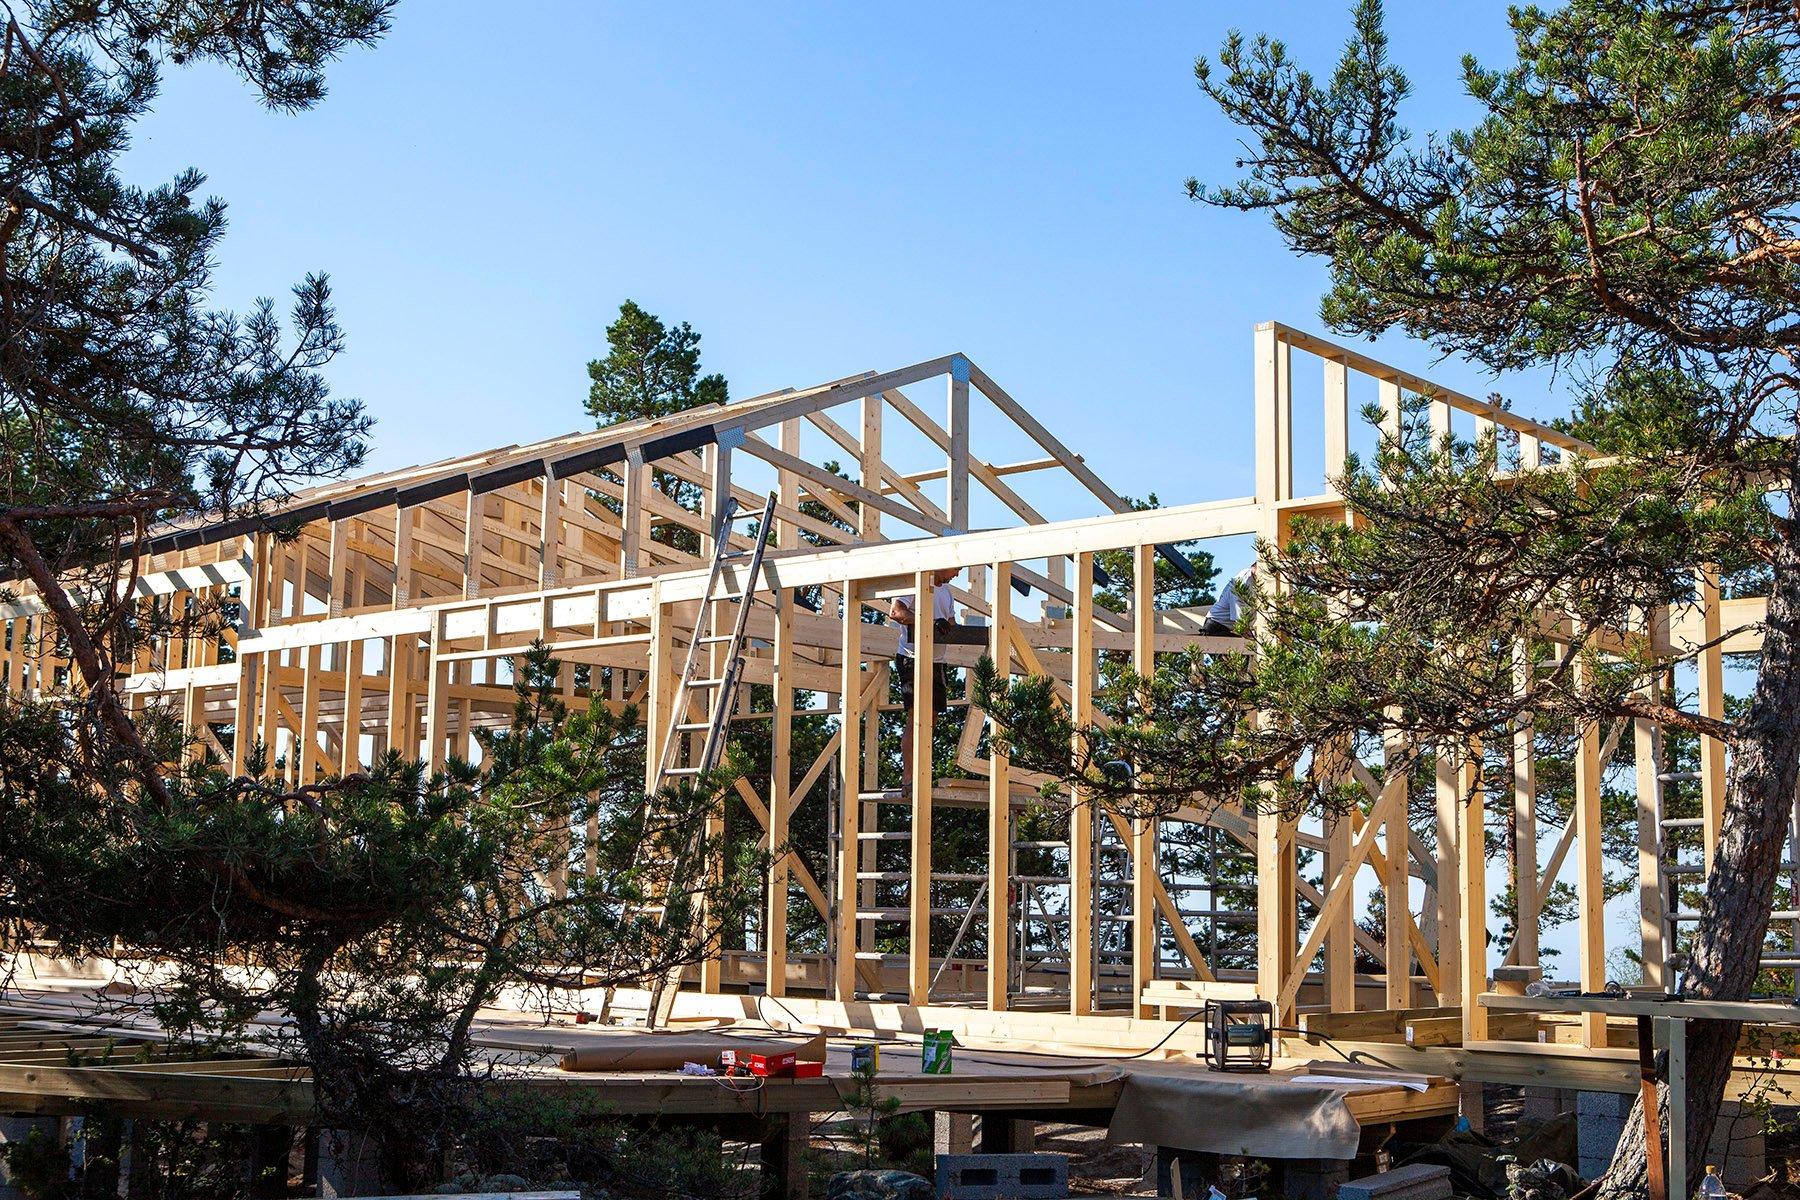 Milloin rakennusprojekti kannattaa aloittaa?